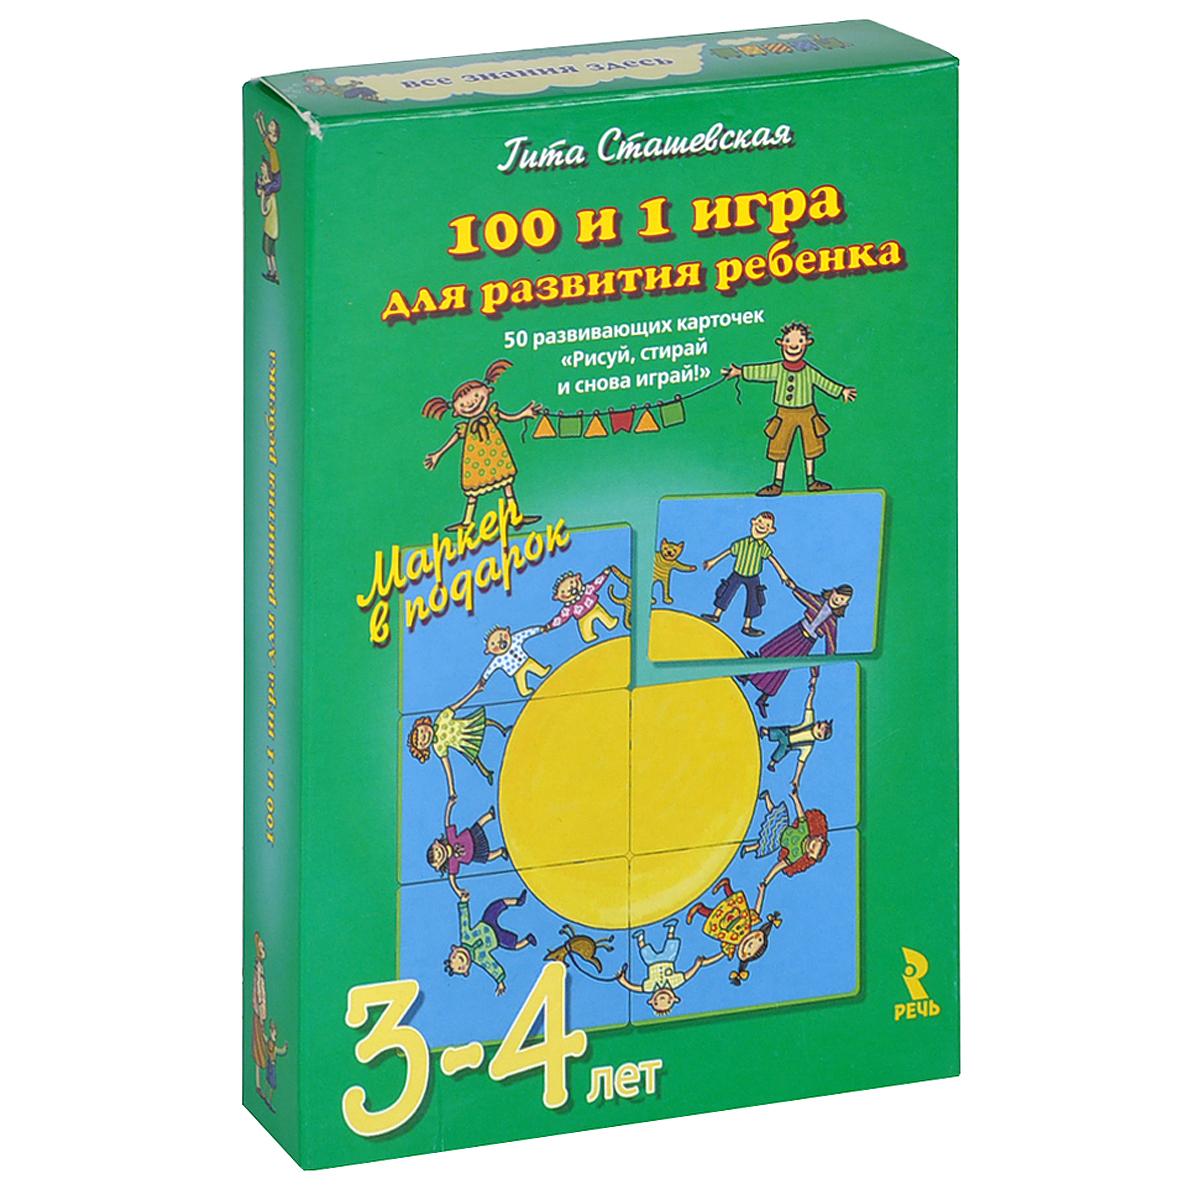 100 и 1 игра для развития ребенка 3-4 лет (набор из 50 карточек + маркер)